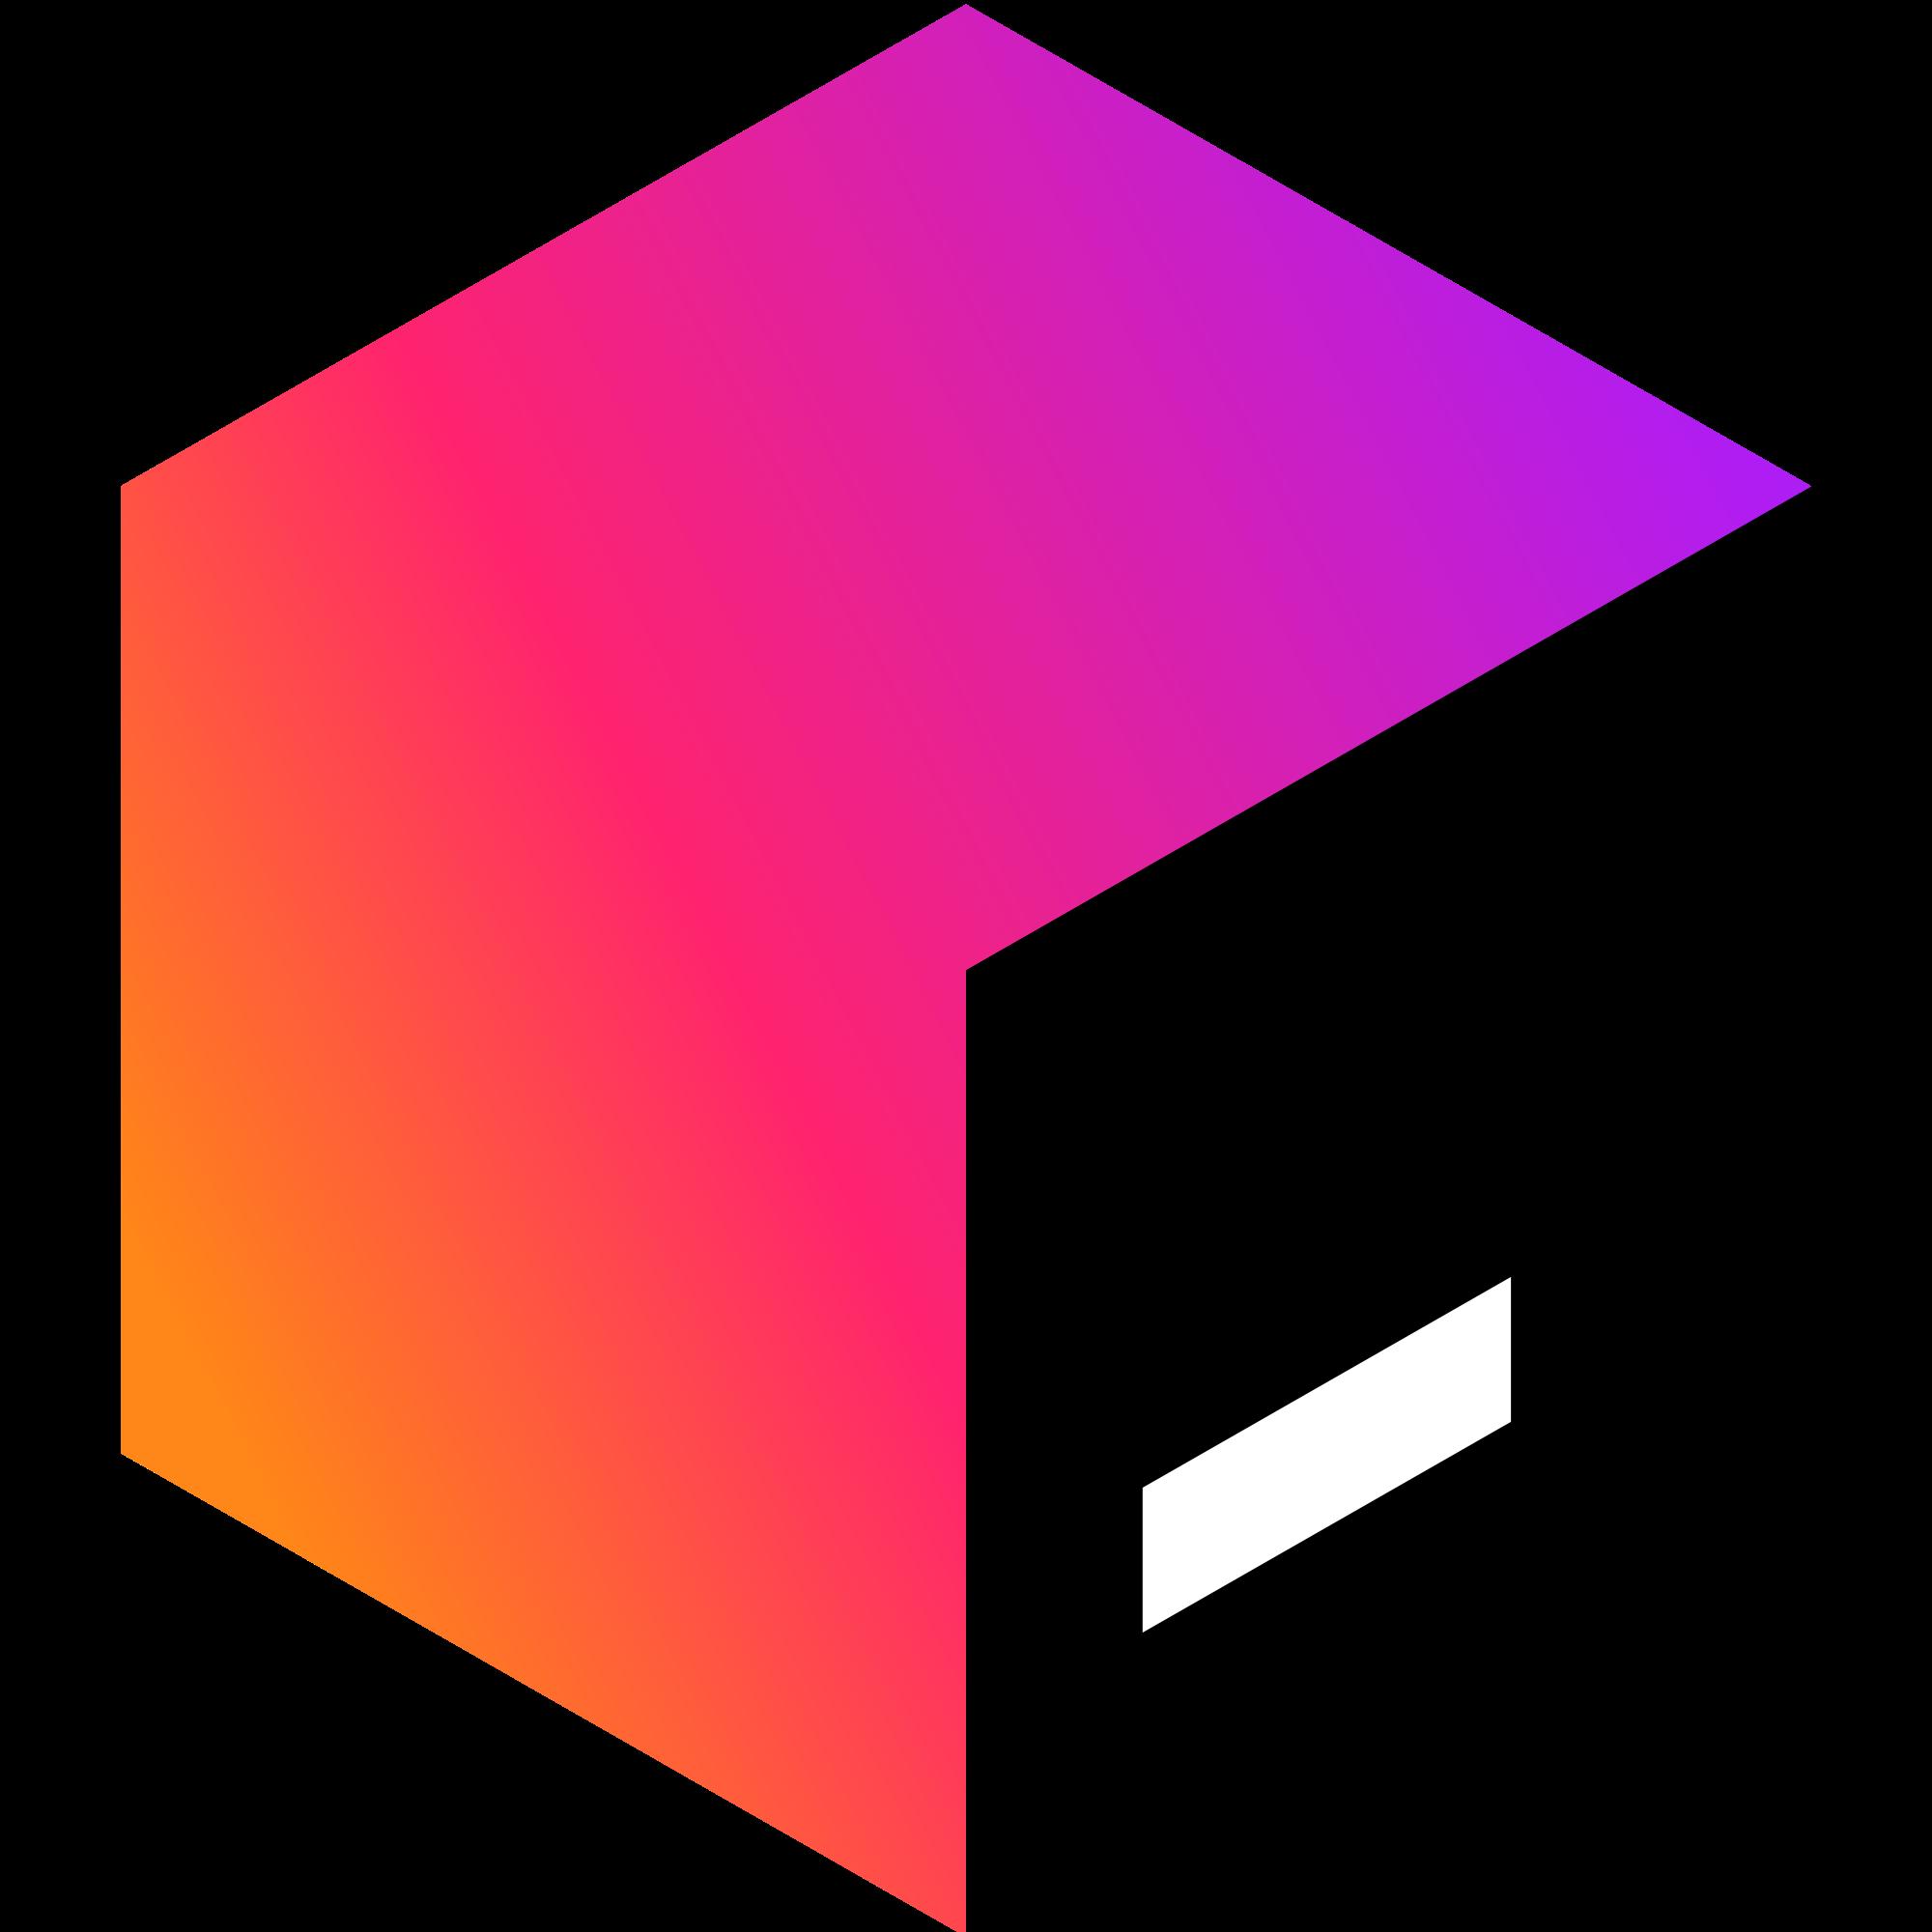 JetBrains Toolbox